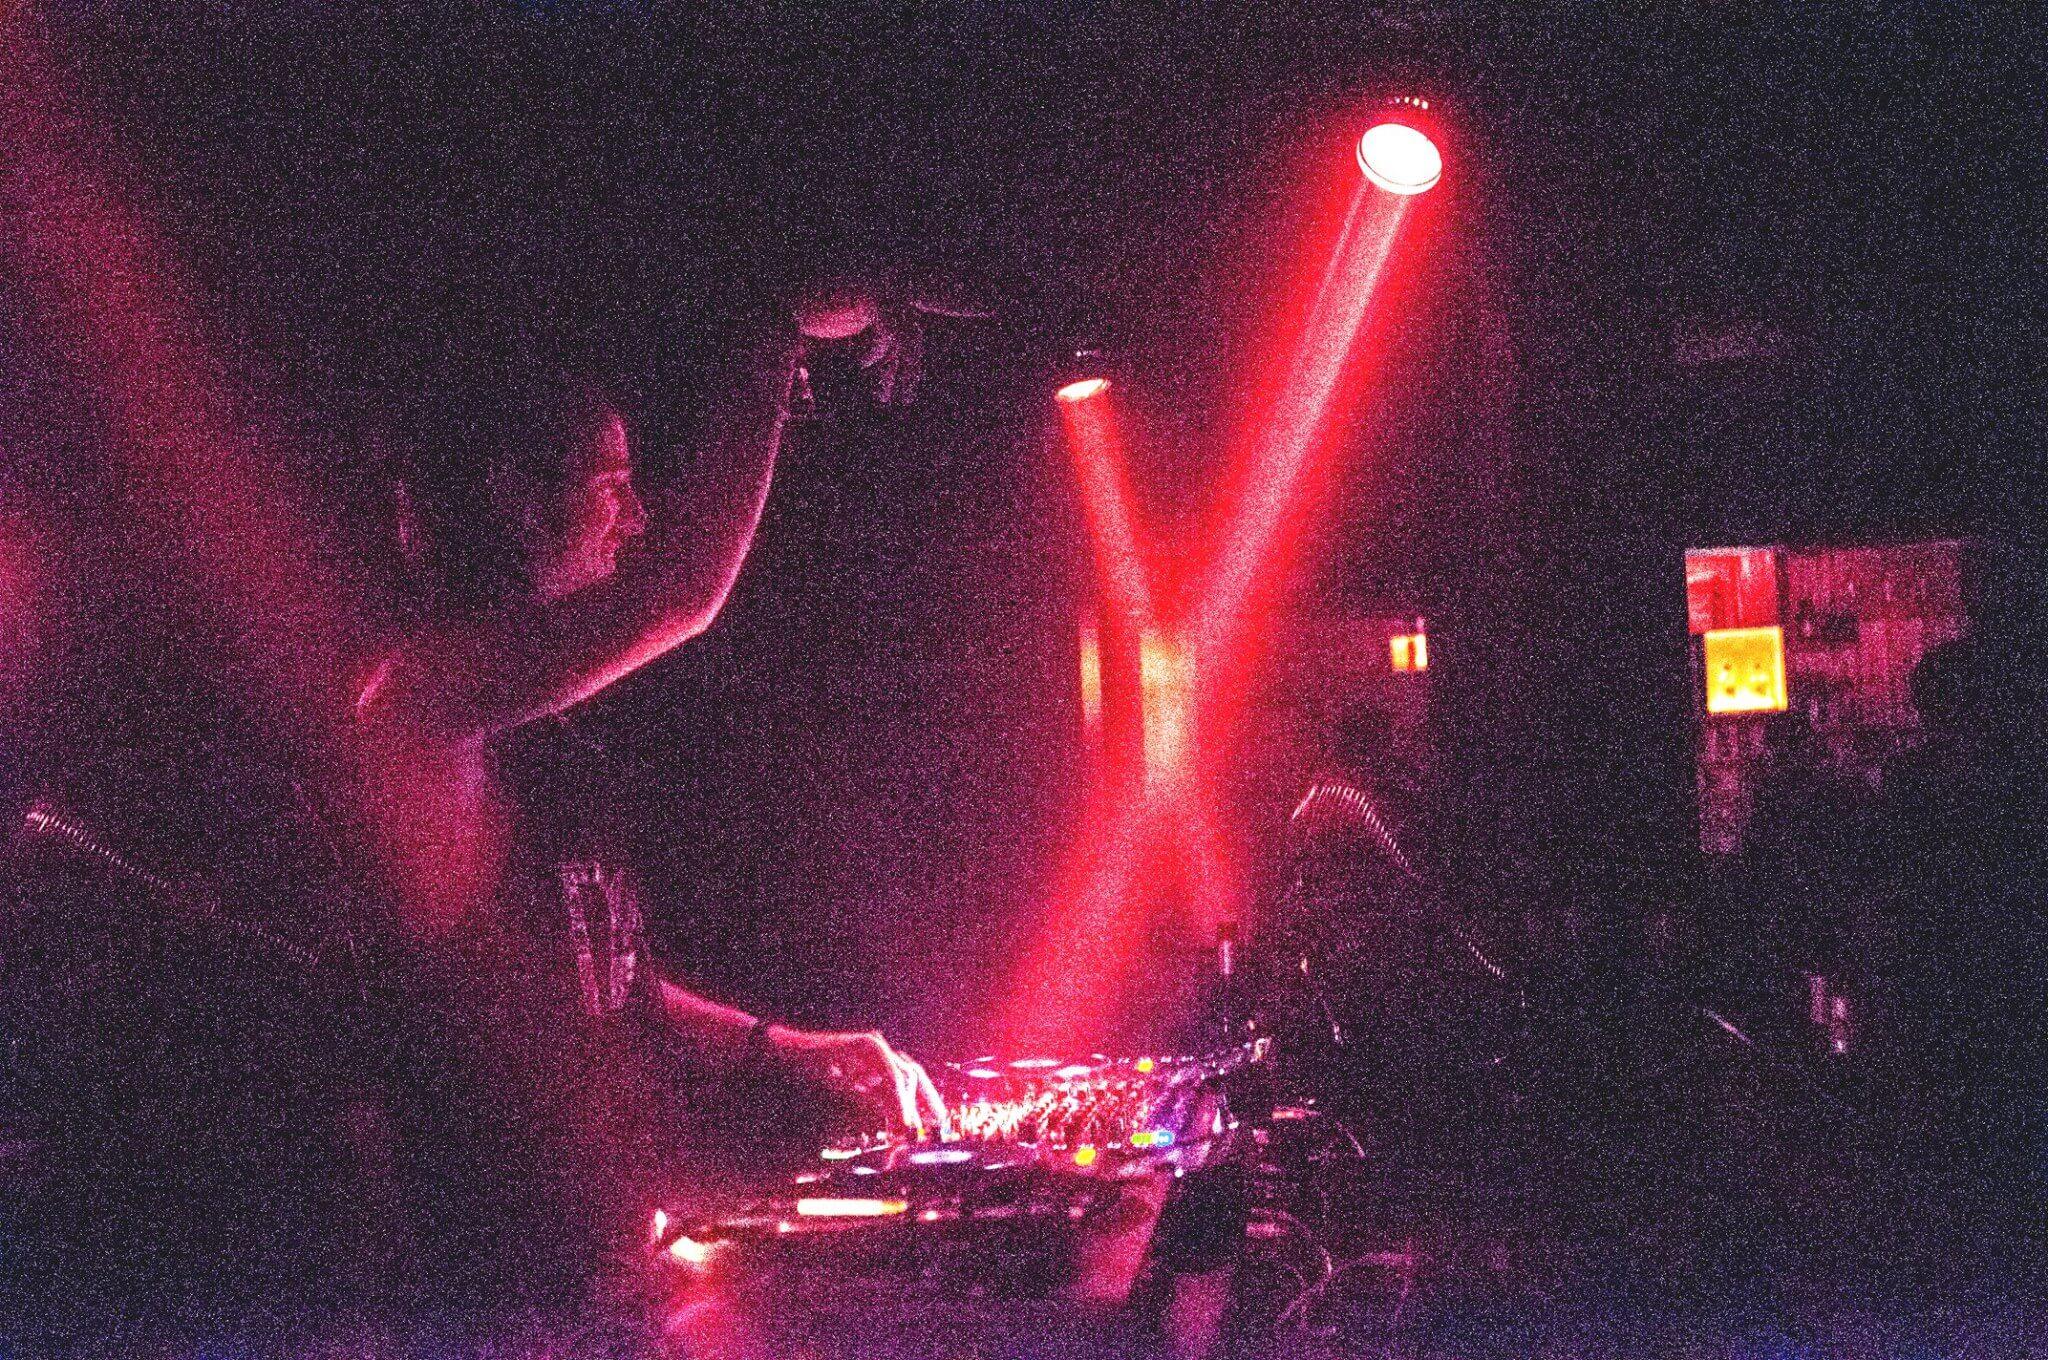 Schon mal aufs Wochenende einstimmen & ordentlich abshaken zu Techno-Beats von Maximillion, NICOO & Tim Gerlach! 💃